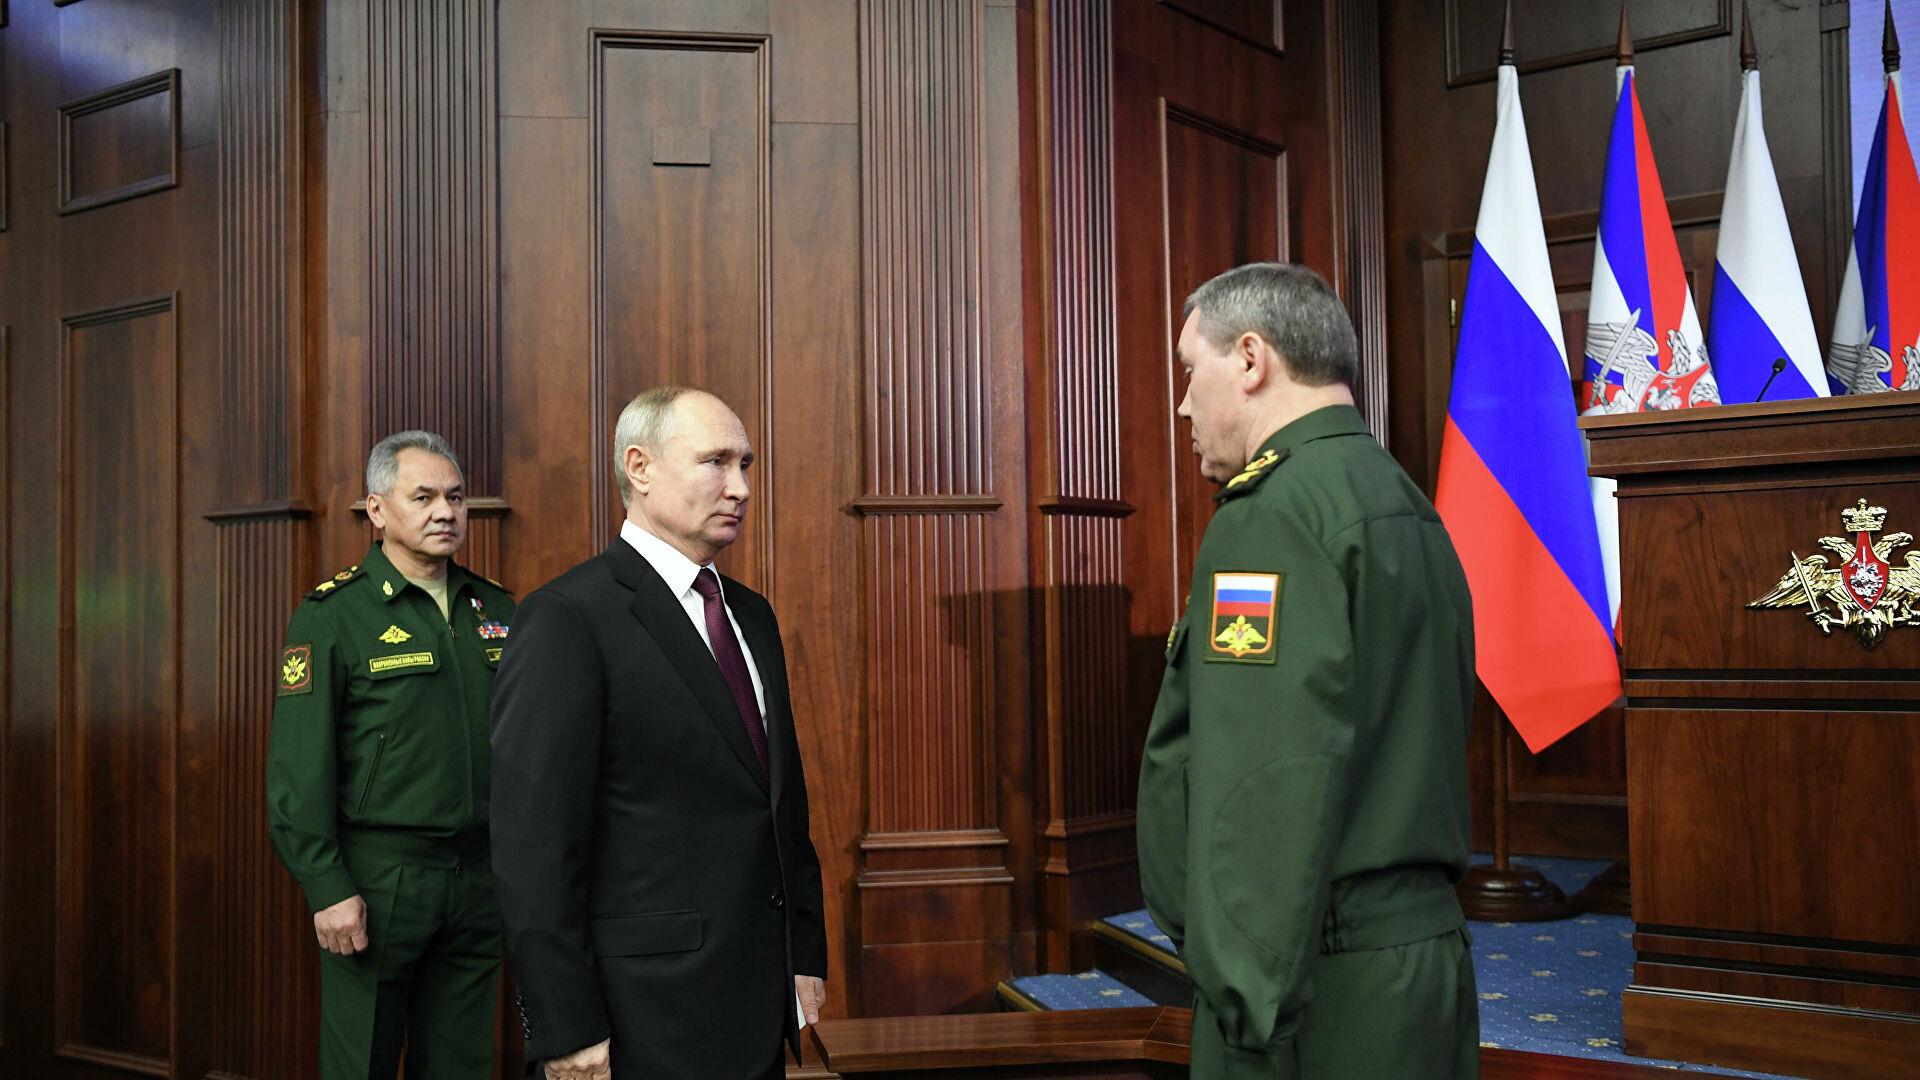 Путин: Русија не намерава да размешта ракете средњег и краћег домета, али ће одмах одговорити на размештање ракета западних земаља